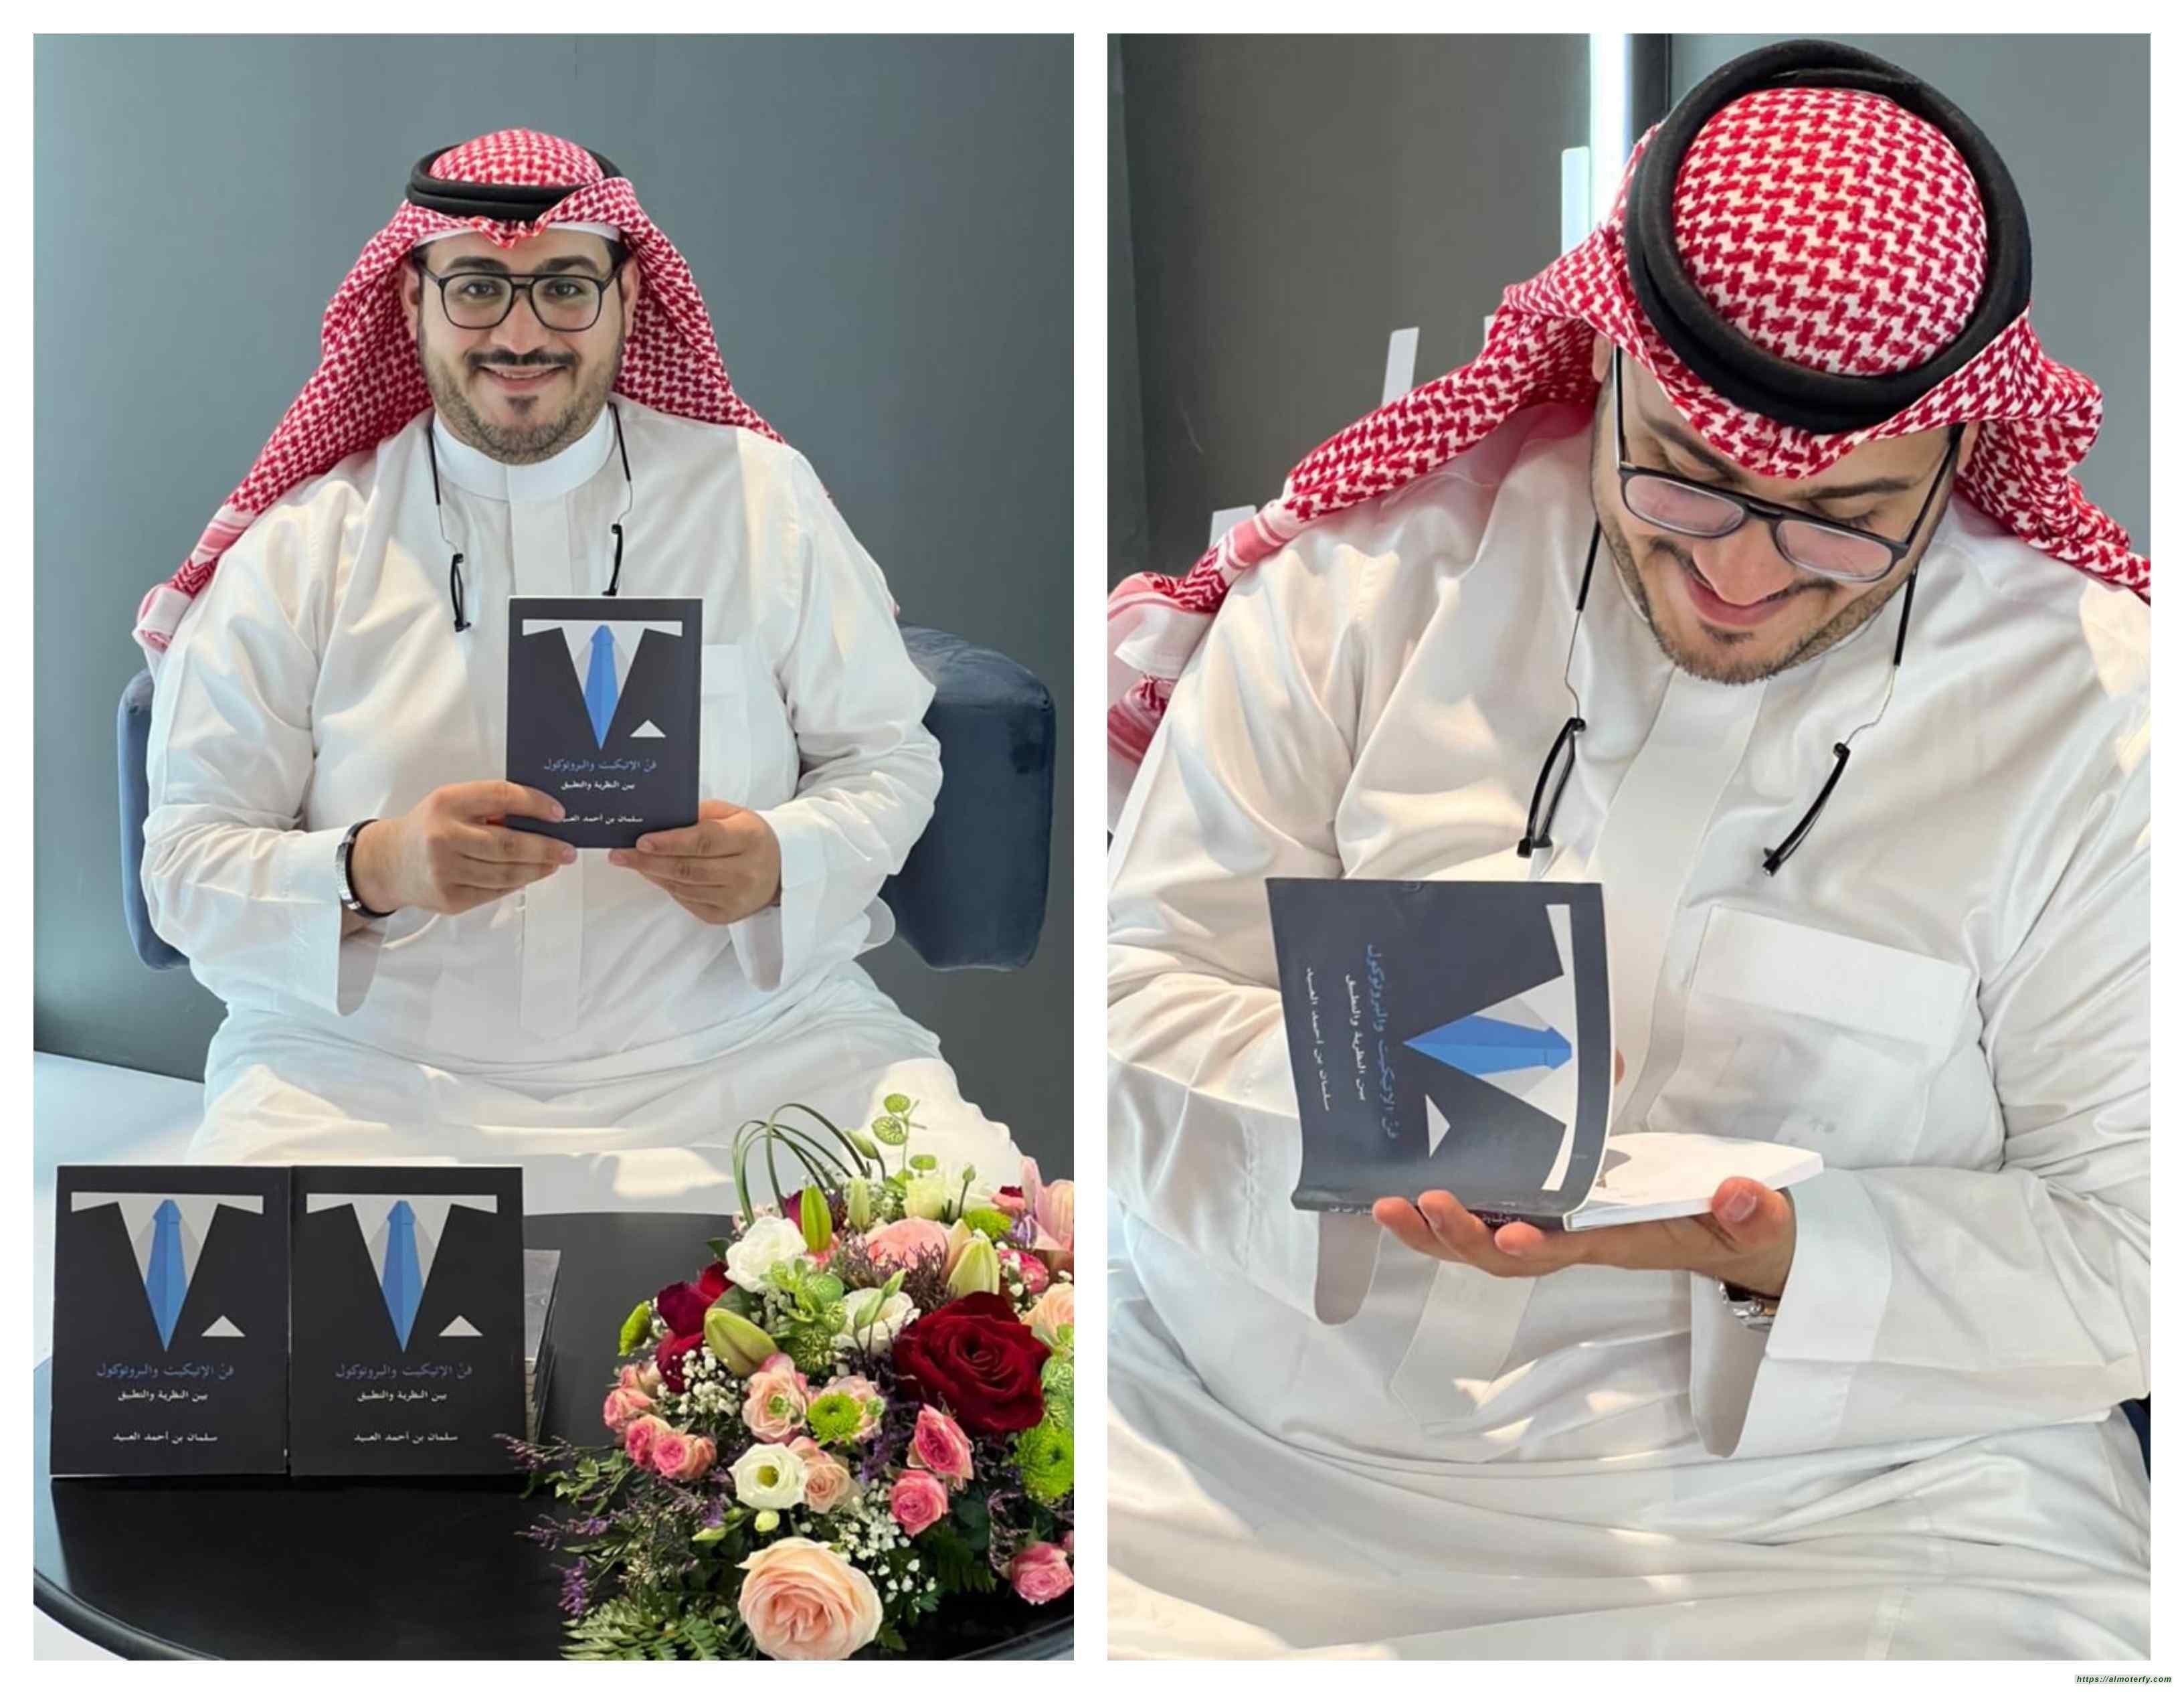 العيد يوقّع كتابه فن الإتيكيت والبروتوكول في معرض الرياض الدولي للكتاب